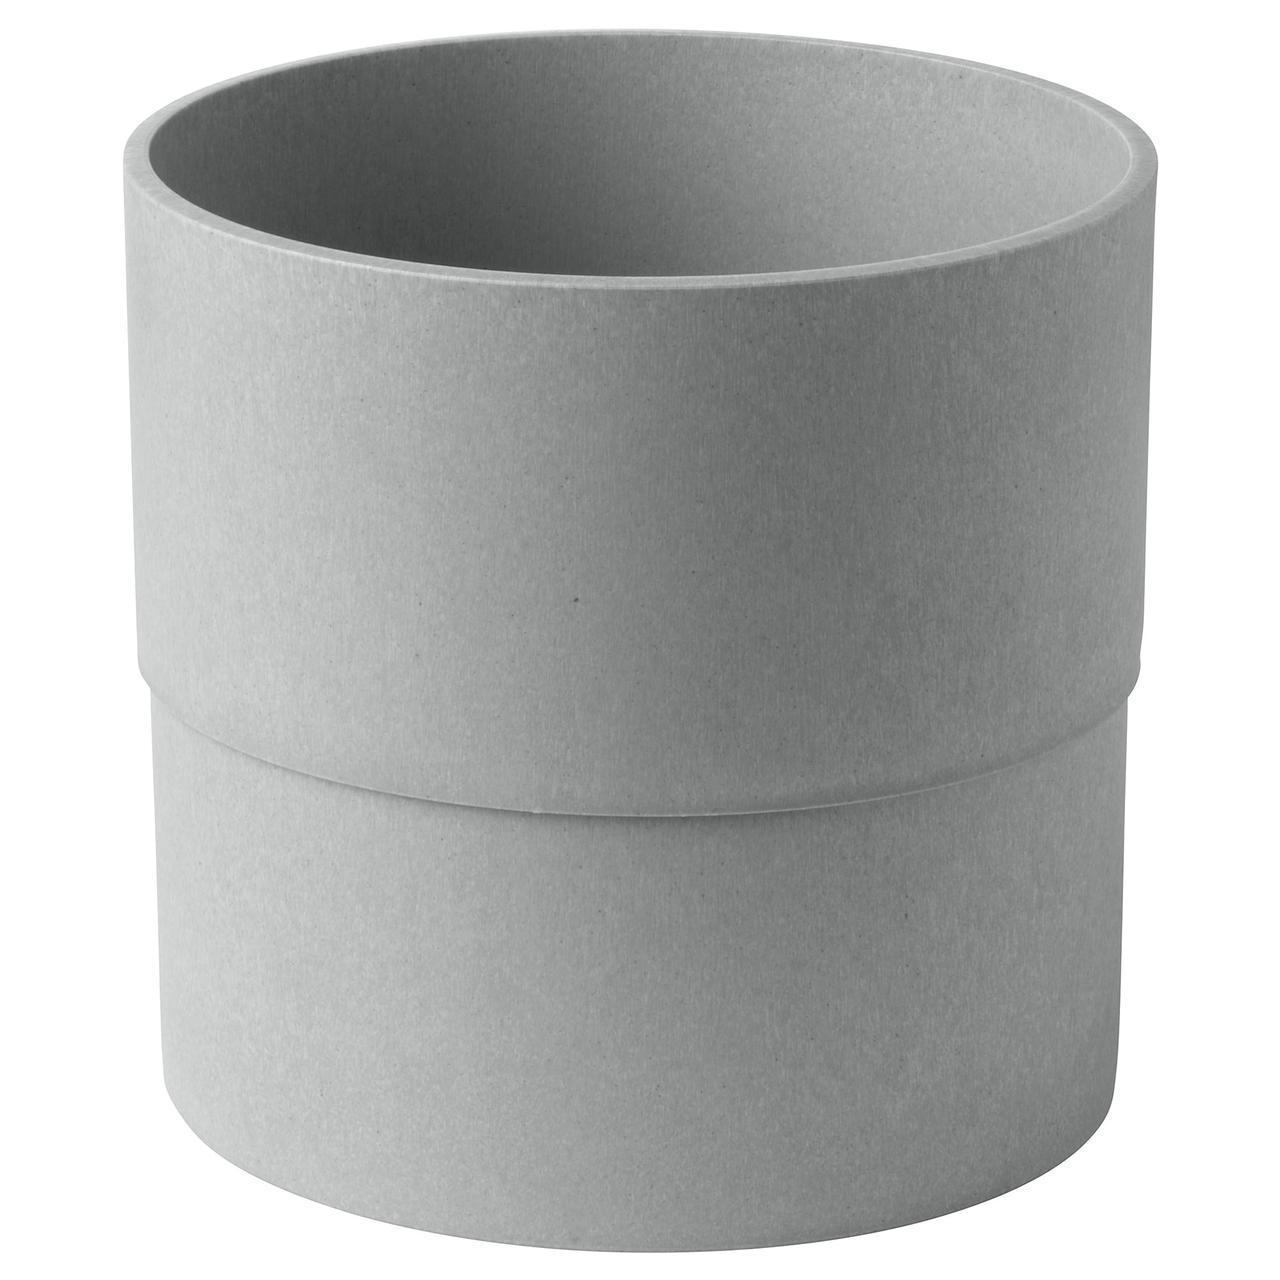 Цветочный горшок IKEA NYPON 20 см серый 303.956.27